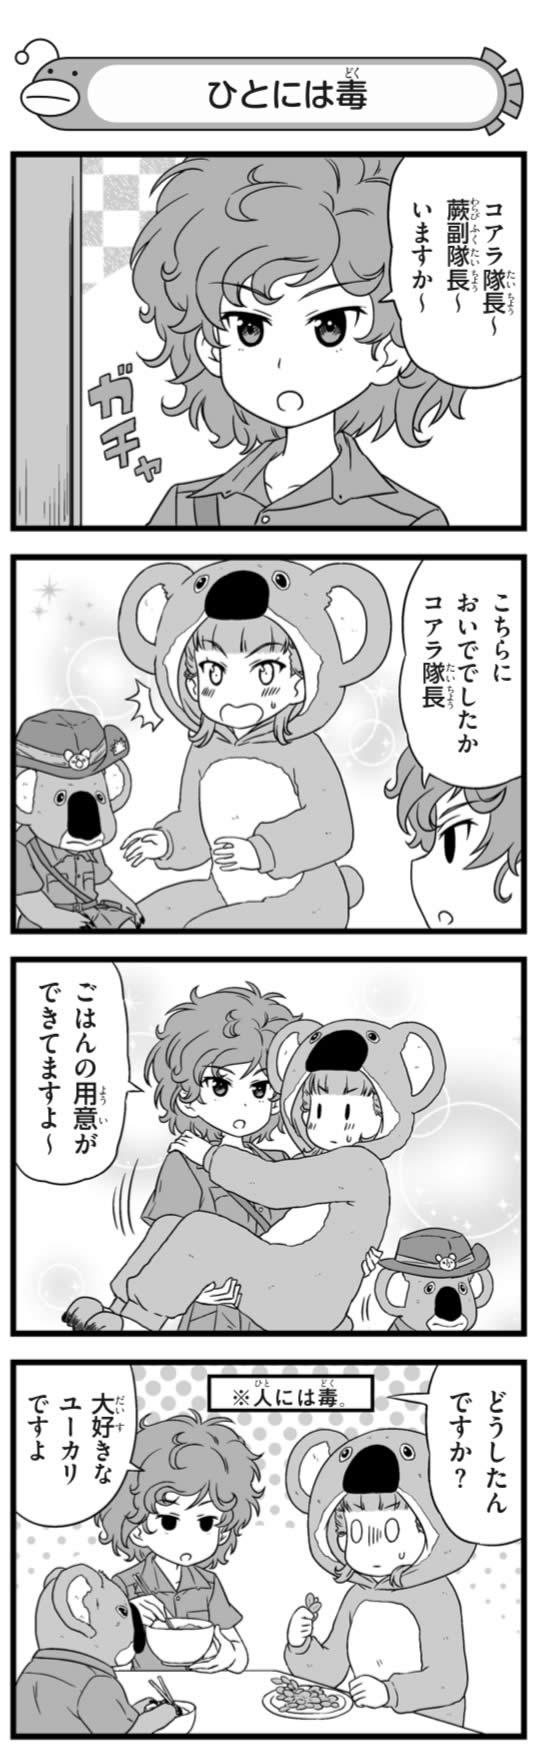 ガールズ&パンツァー 鴨乃橋 蕨 コアラ隊長 ユーカリ